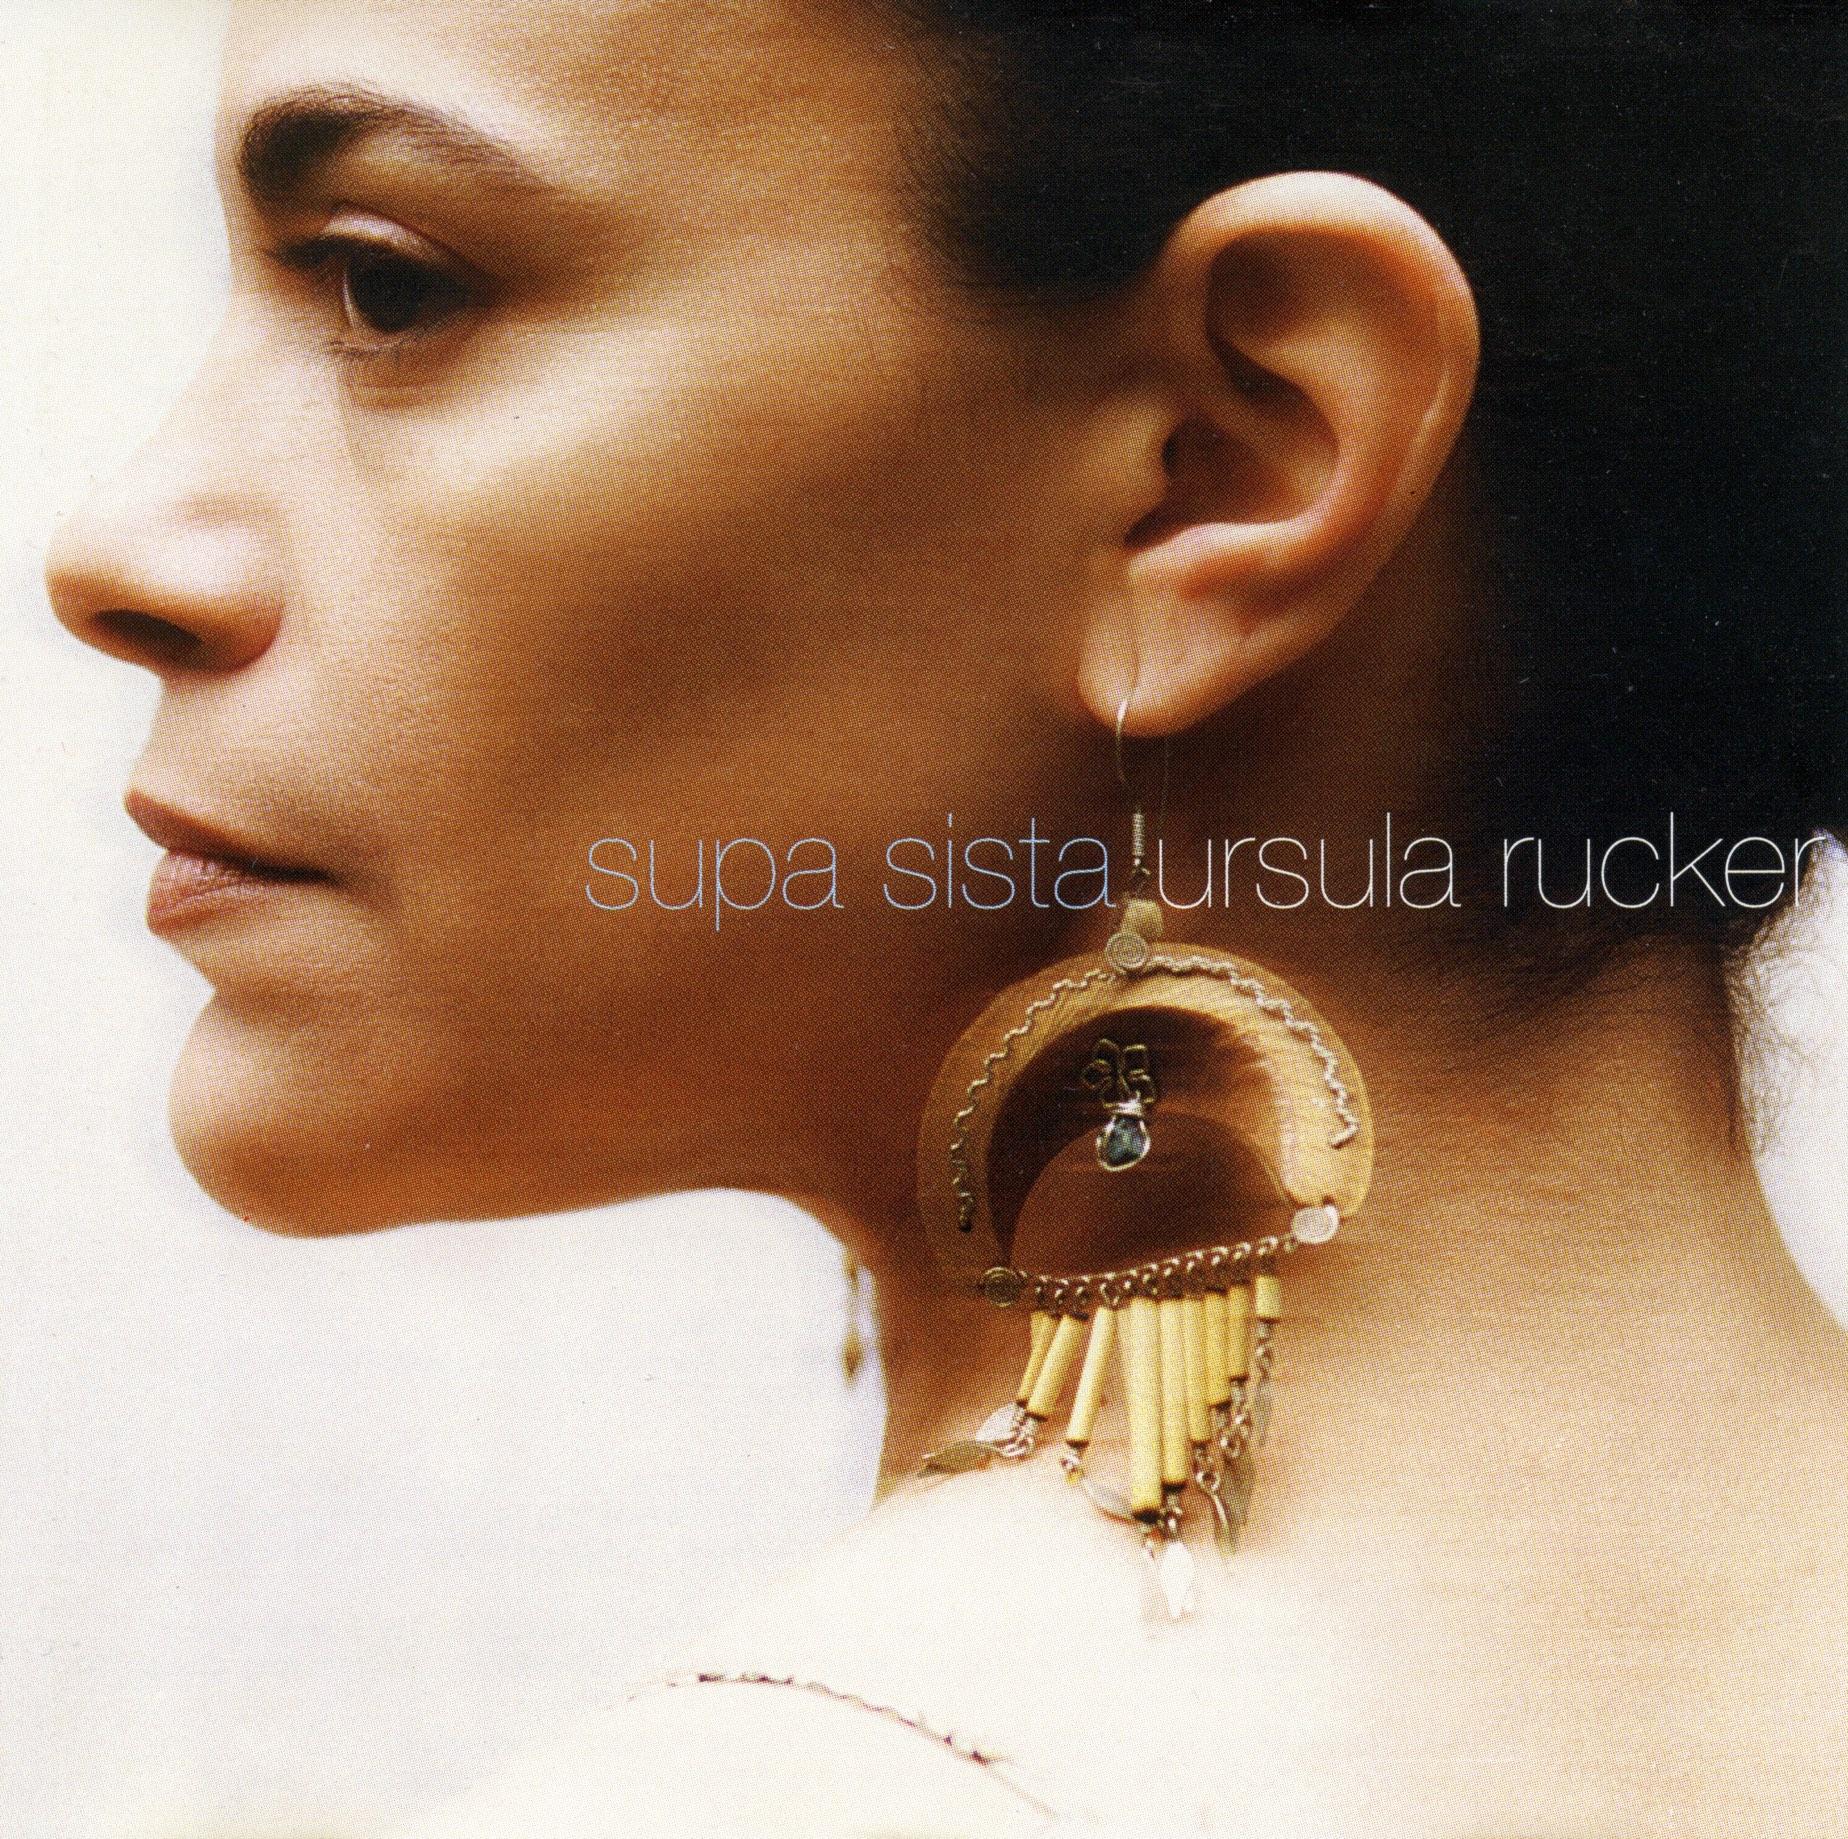 2003 - Ursual Rucker